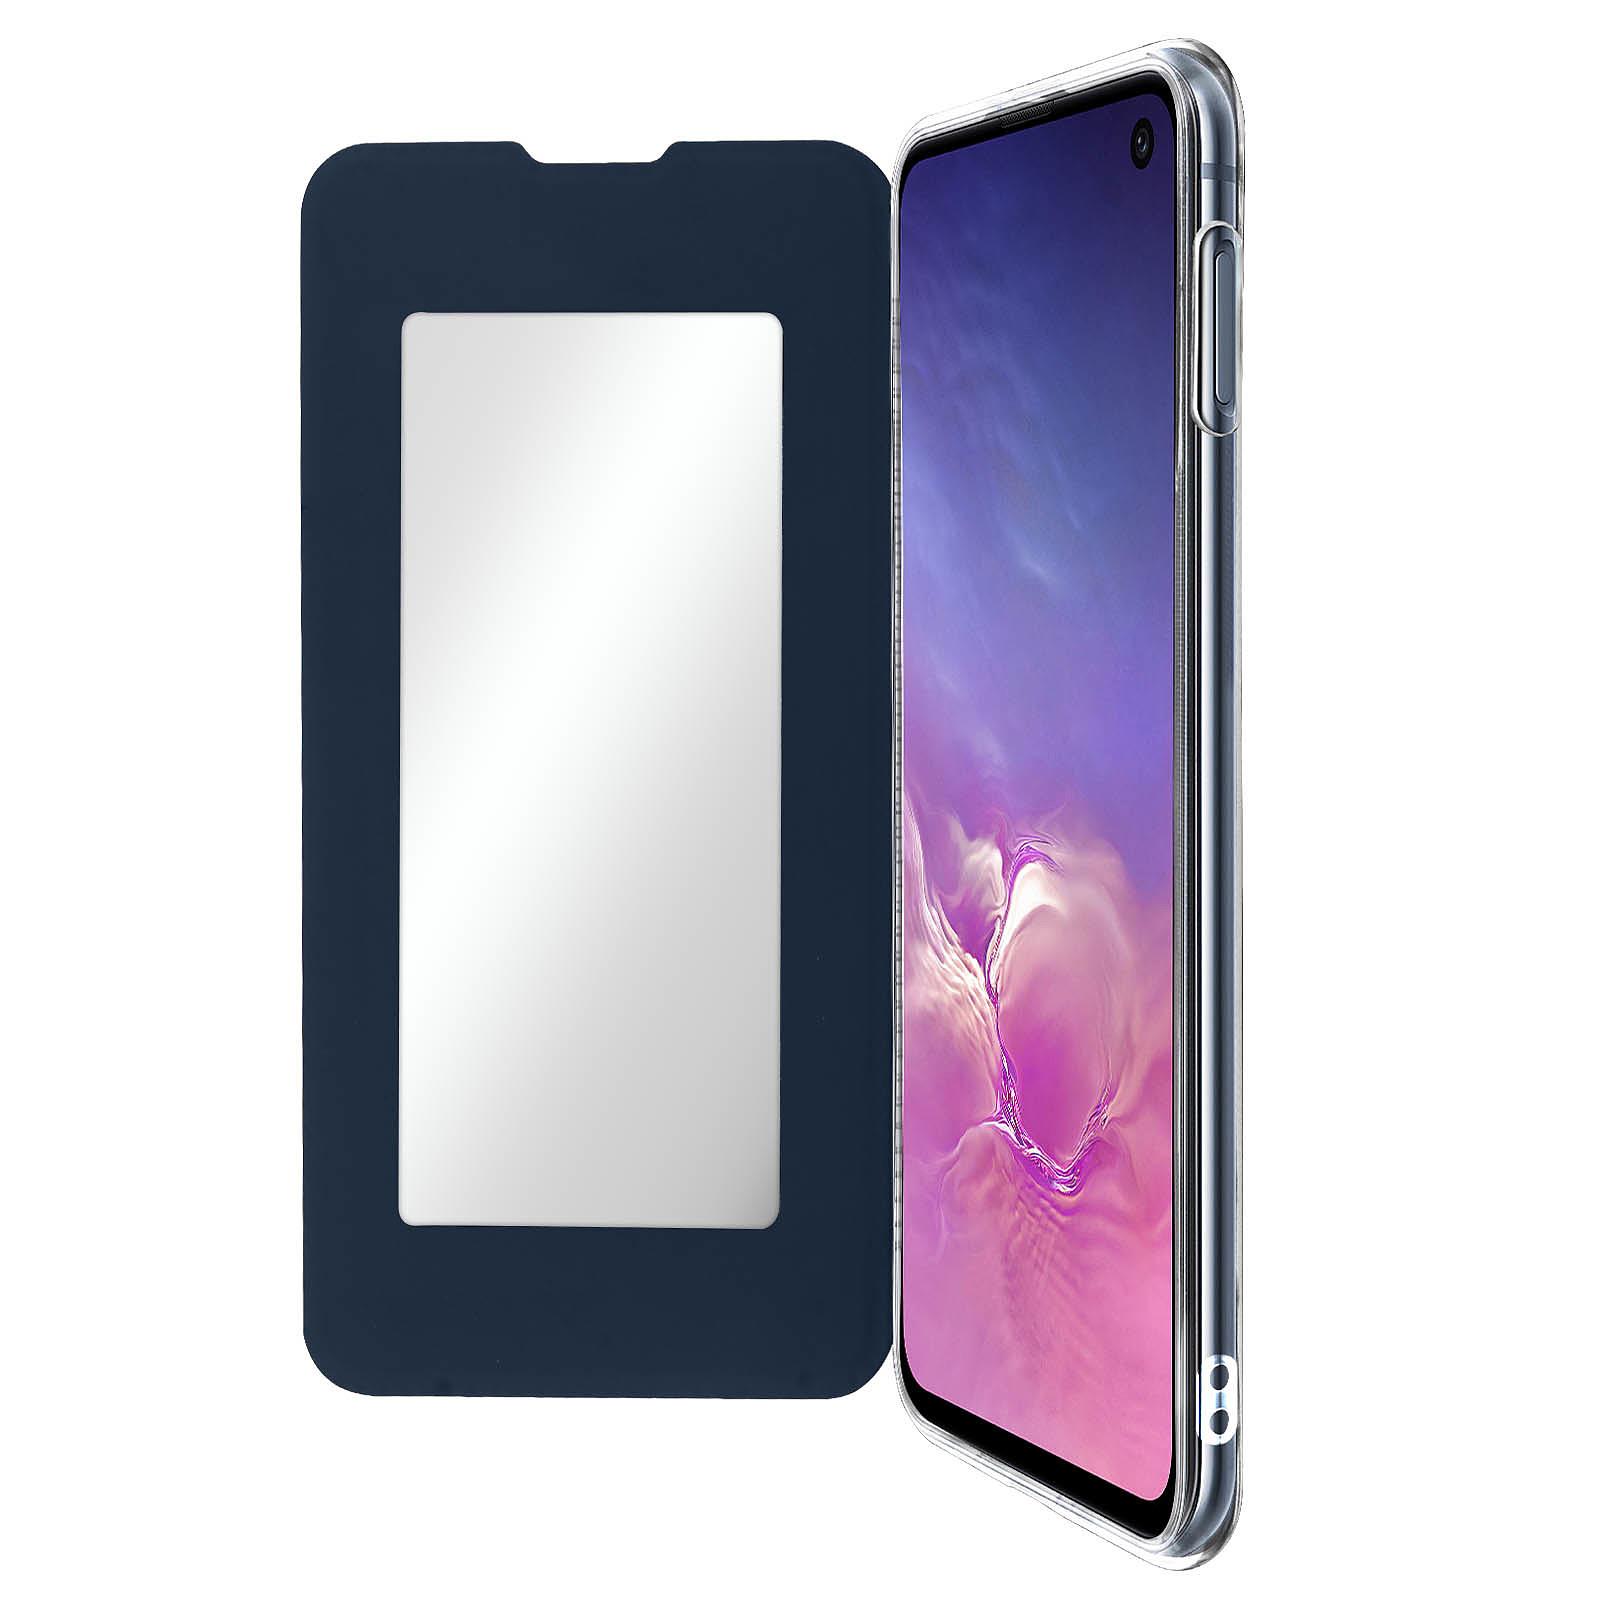 Avizar Etui folio Bleu Nuit pour Samsung Galaxy S10e